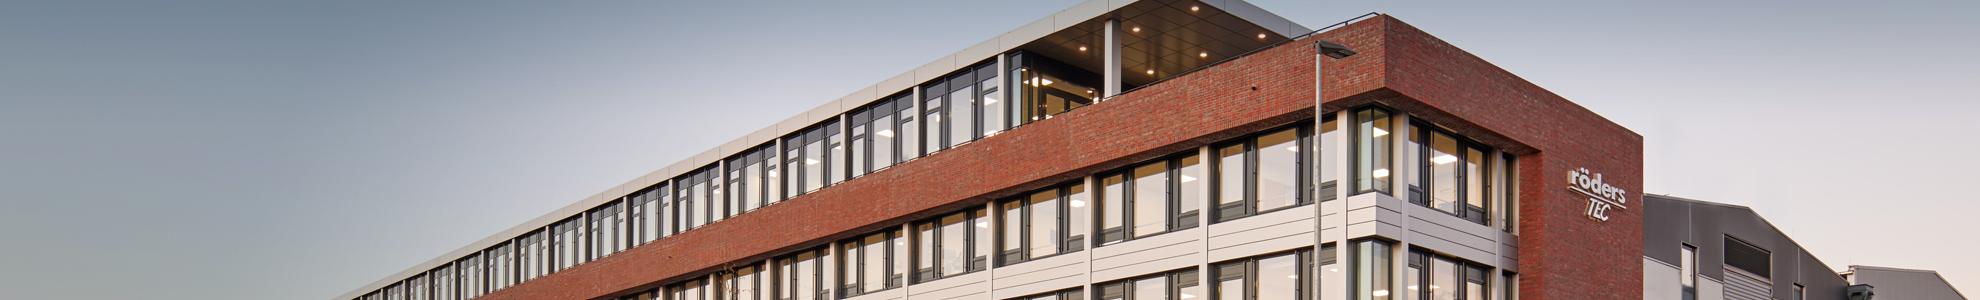 Röders neues Bürogebäude Abendstimmung